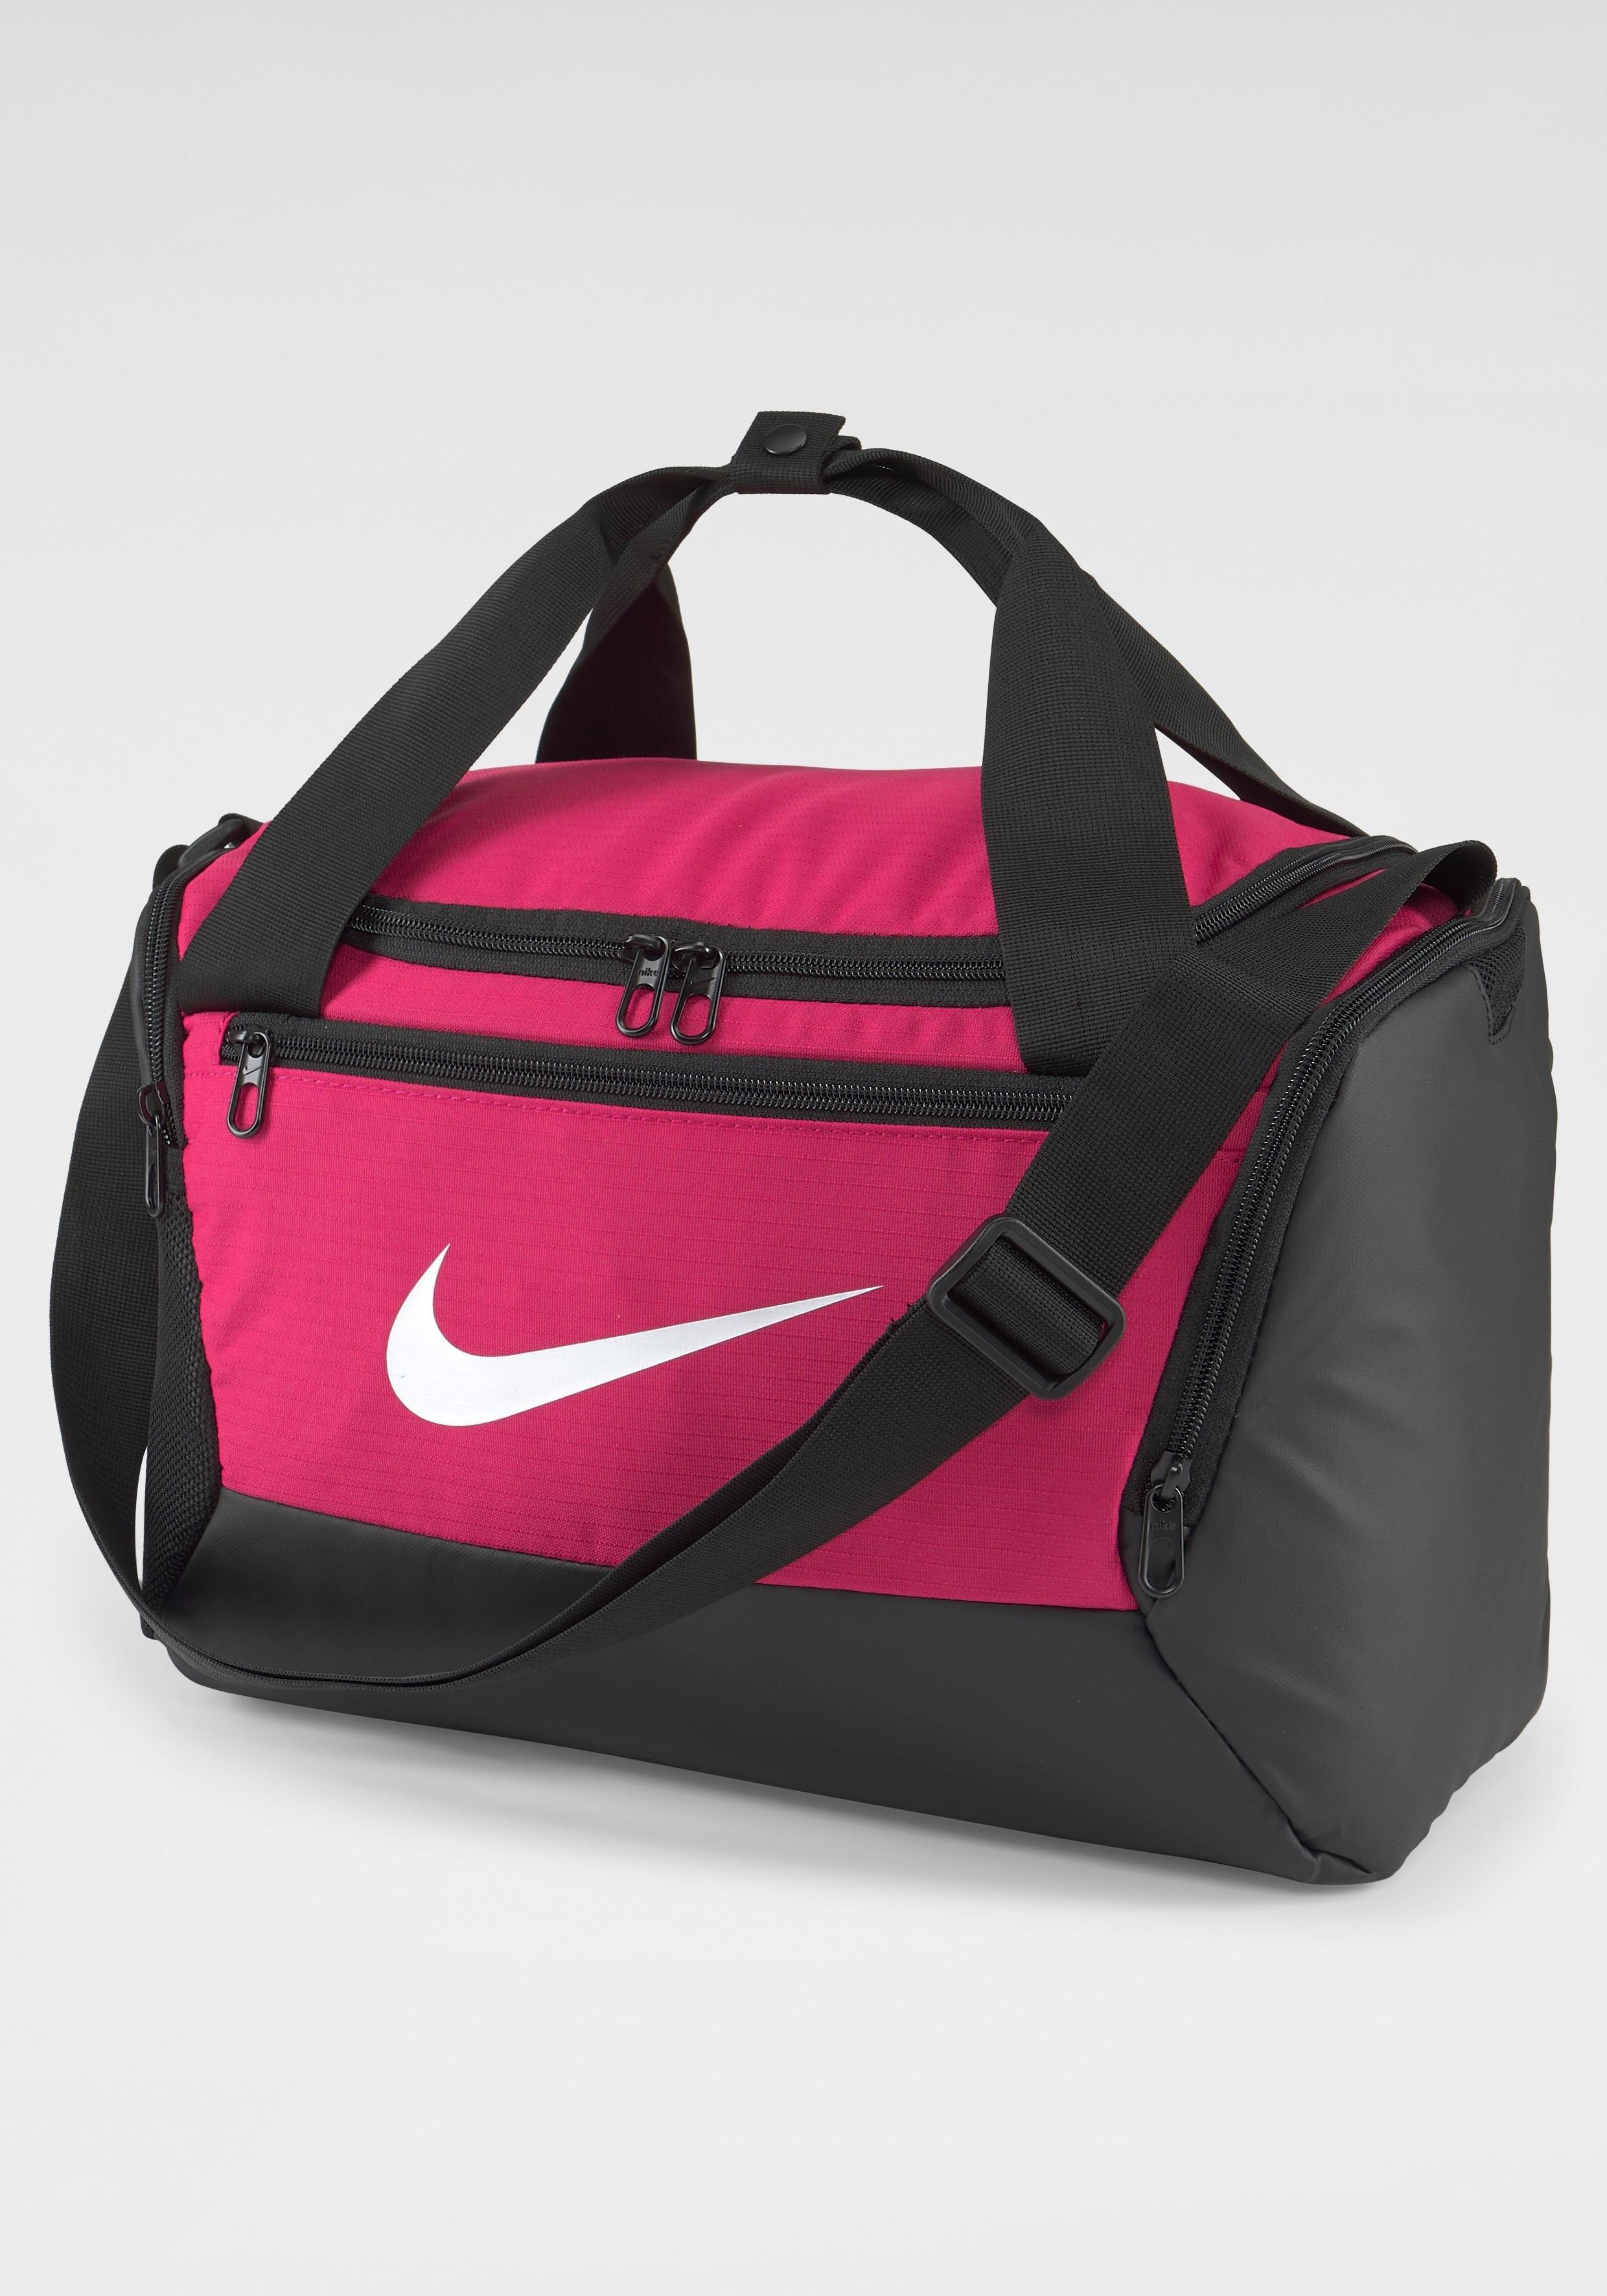 Nike sporttas nu online bestellen